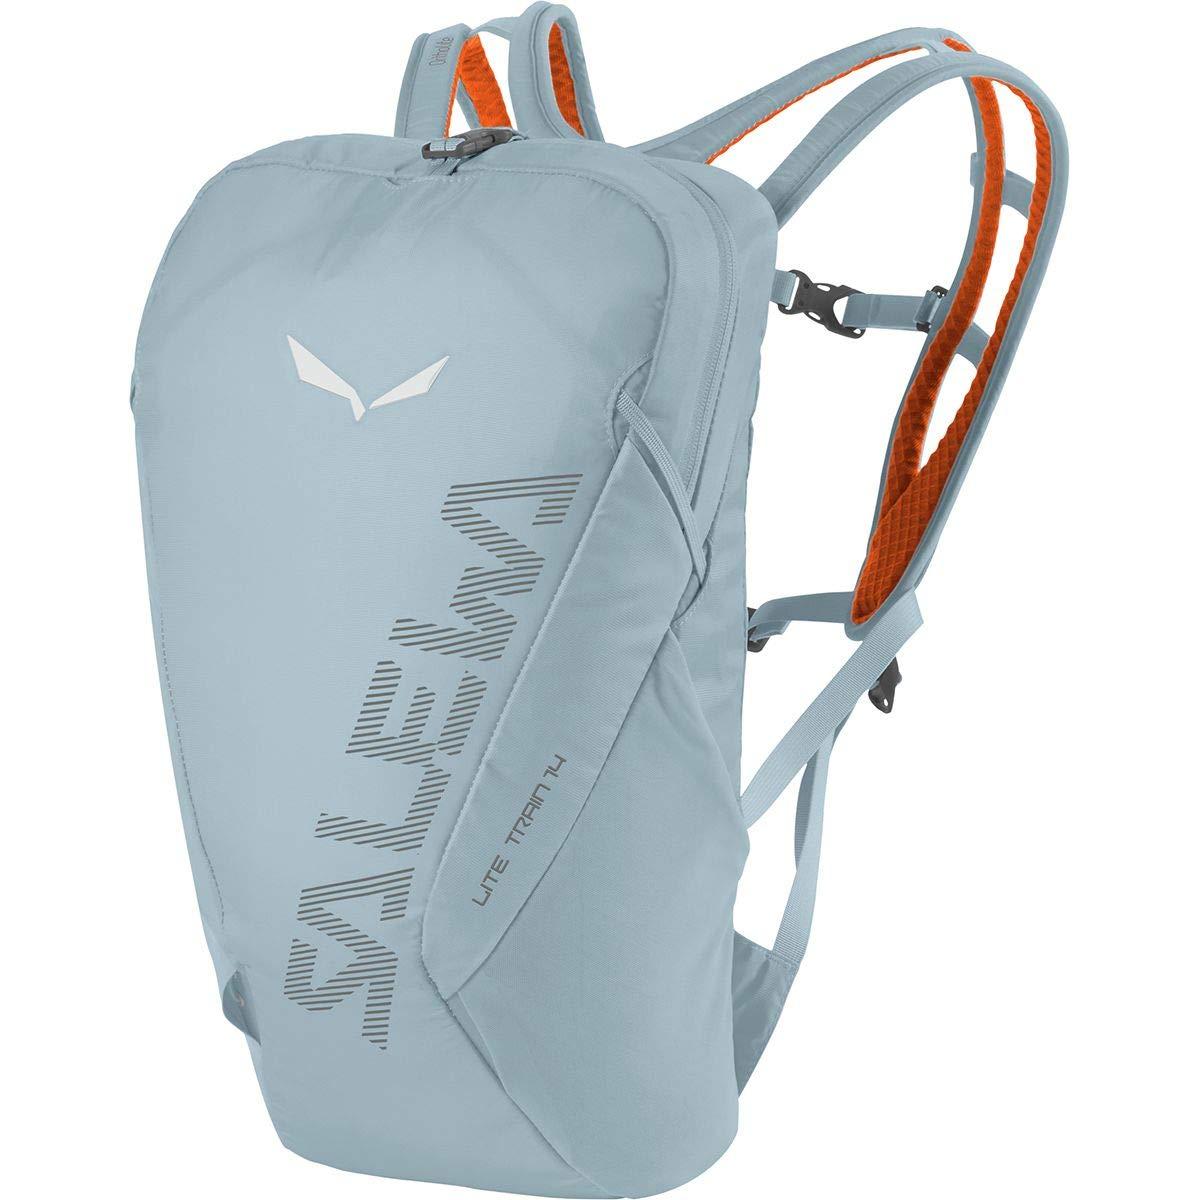 [サレワ] メンズ バックパックリュックサック Lite Train 14L Backpack [並行輸入品] No-Size  B07QRRH8FH